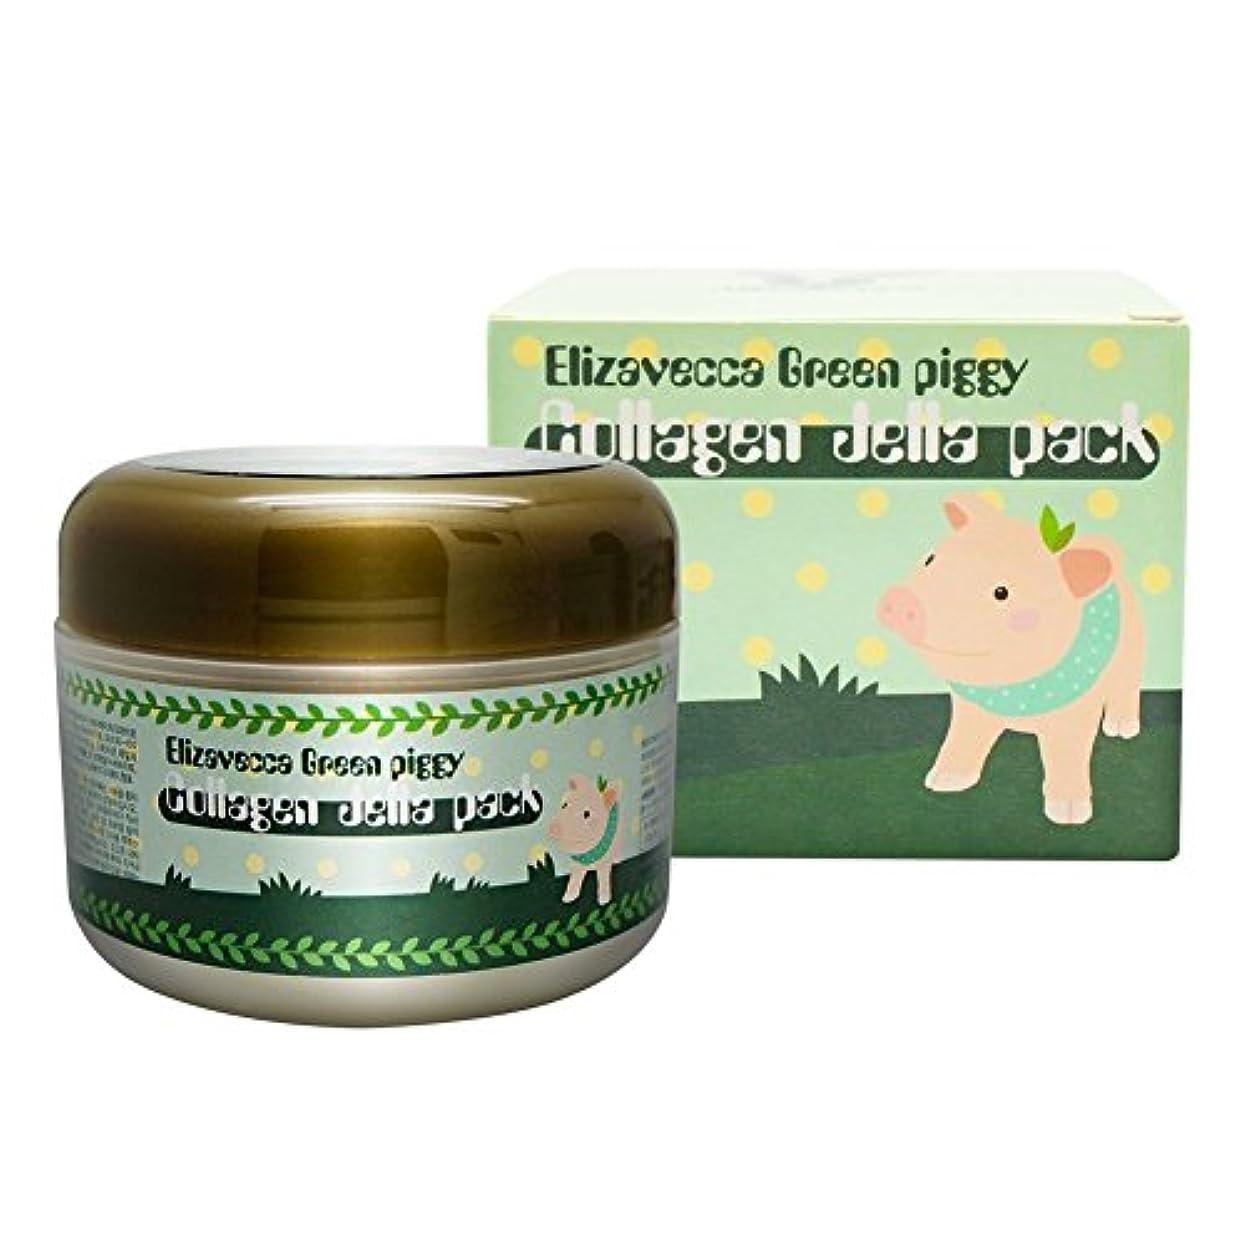 飛び込むしがみつく足音エリザヴェッカ Green Piggy Collagen Jella Pack 100g/3.3oz